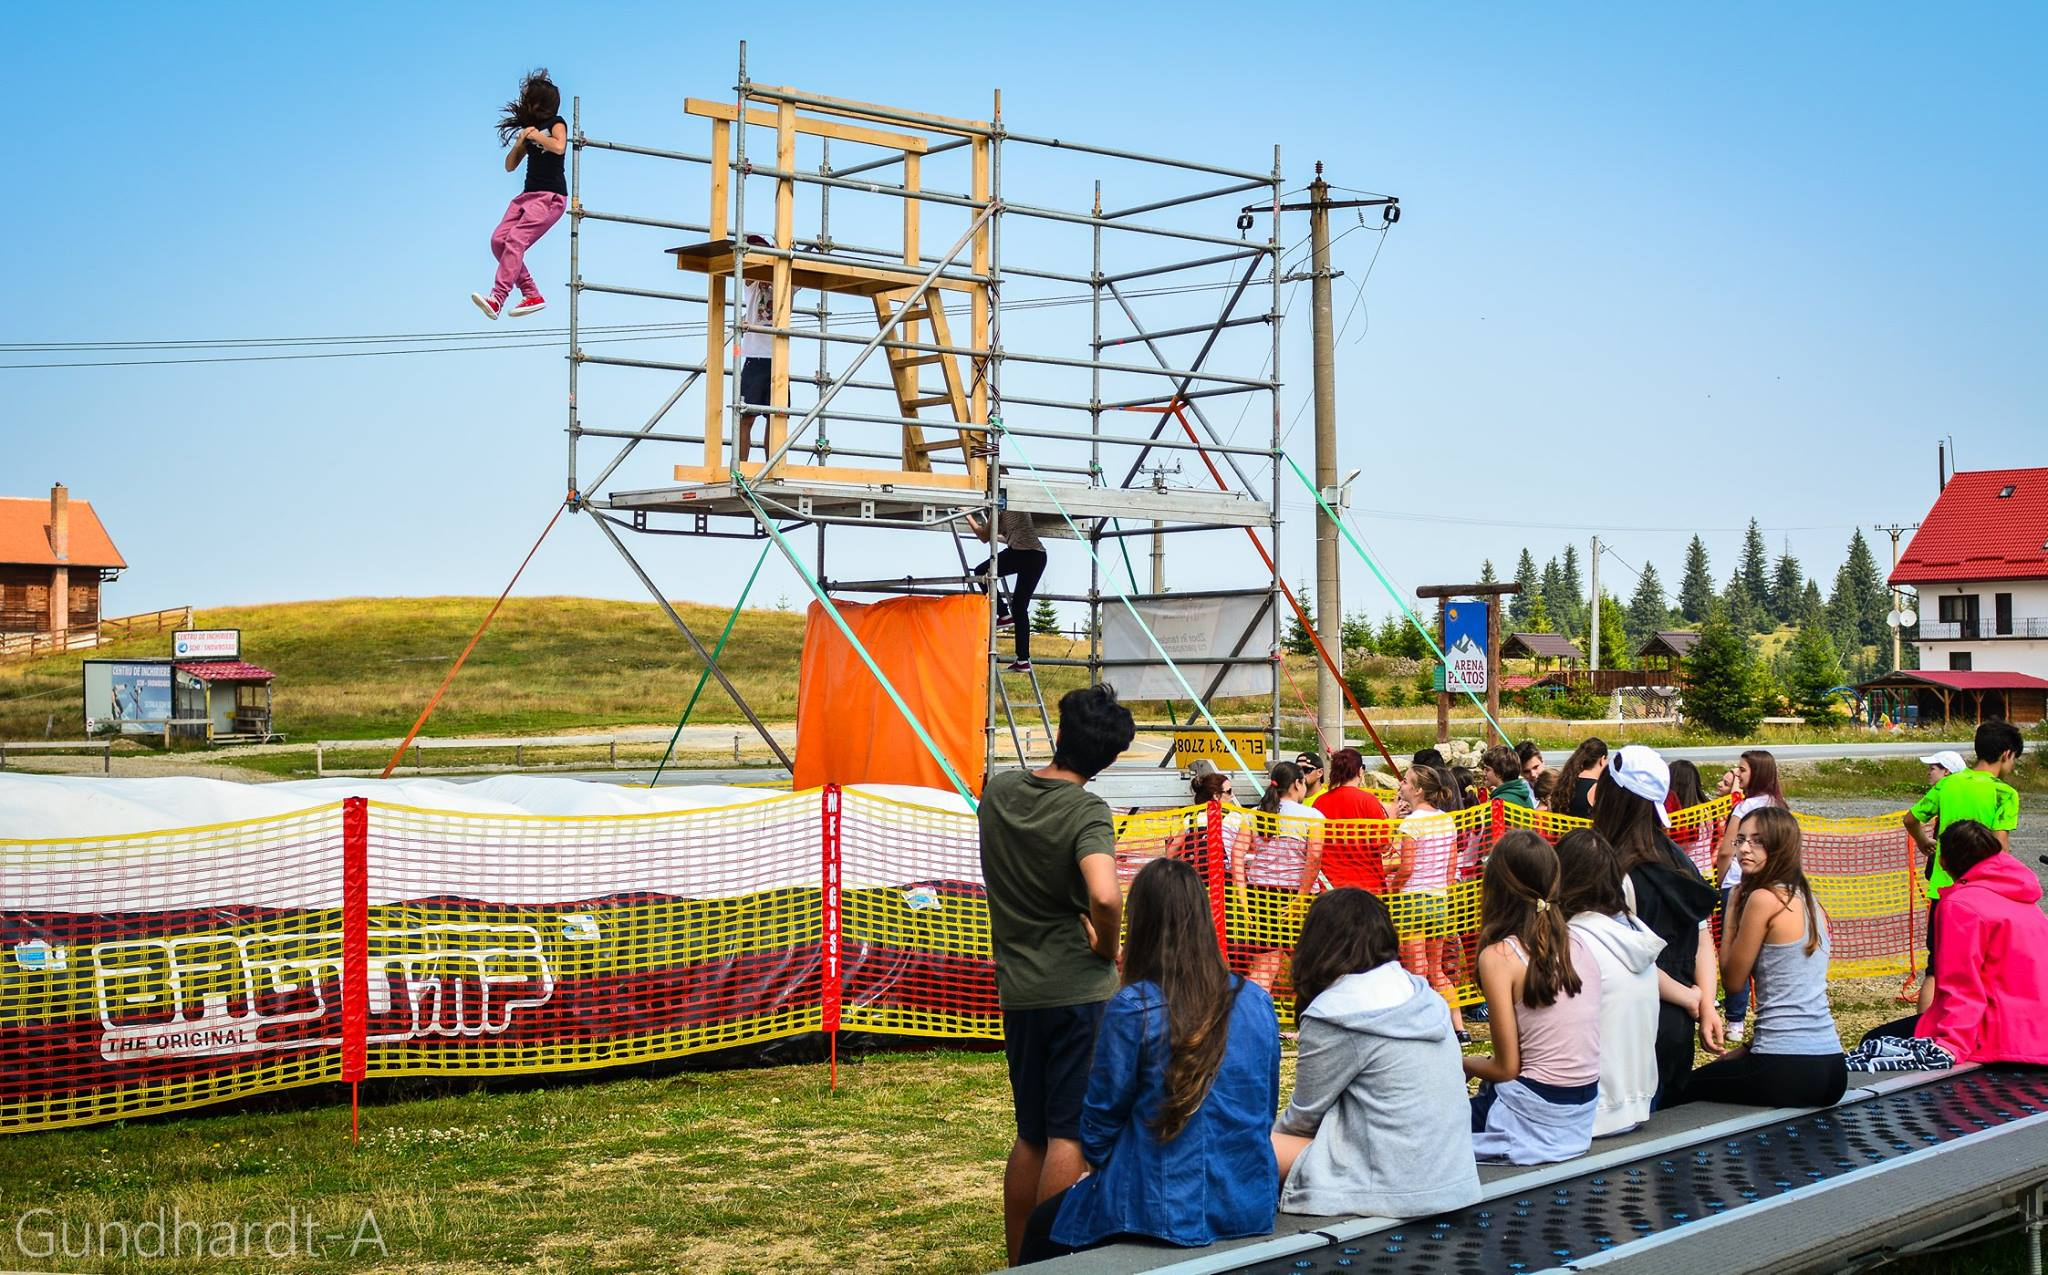 Complexul de vară Arena Platoș Păltiniș este pregătit să își deschidă porțile pentru turiști